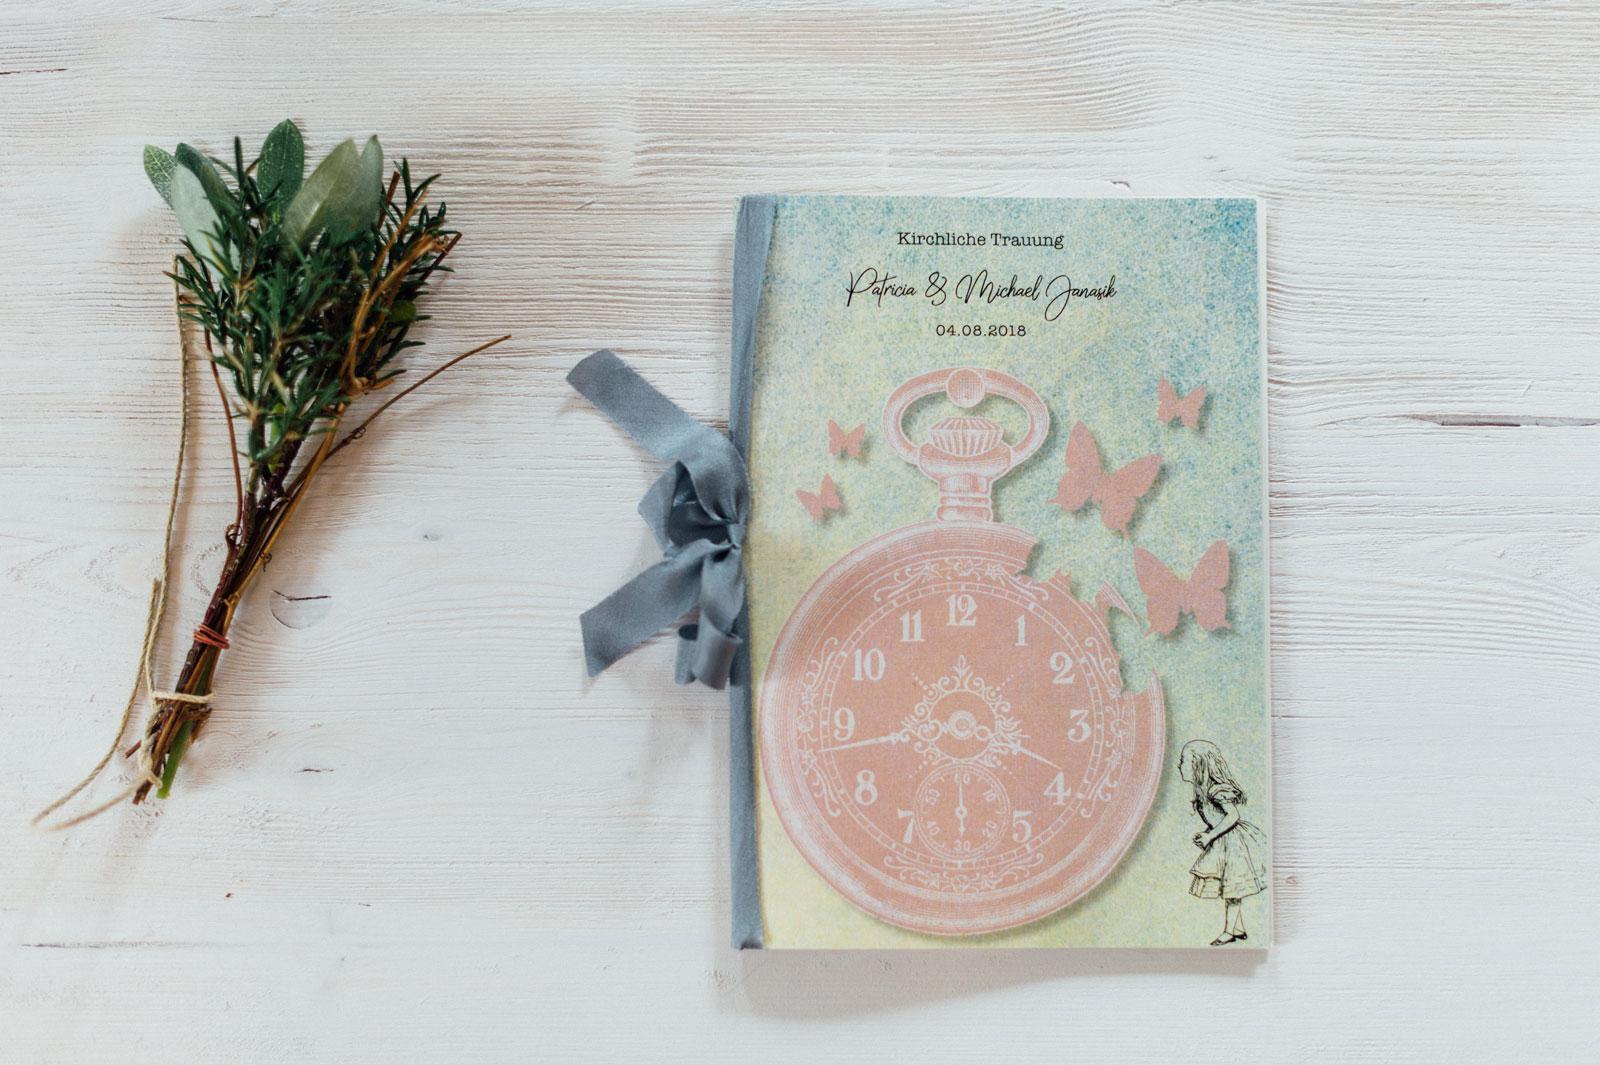 Alice im Wunderland Kirchenhefte Hochzeitskarten Hochzeitspapeterie Hochzeitsmotto Märchen Disney Vintage Hochzeit